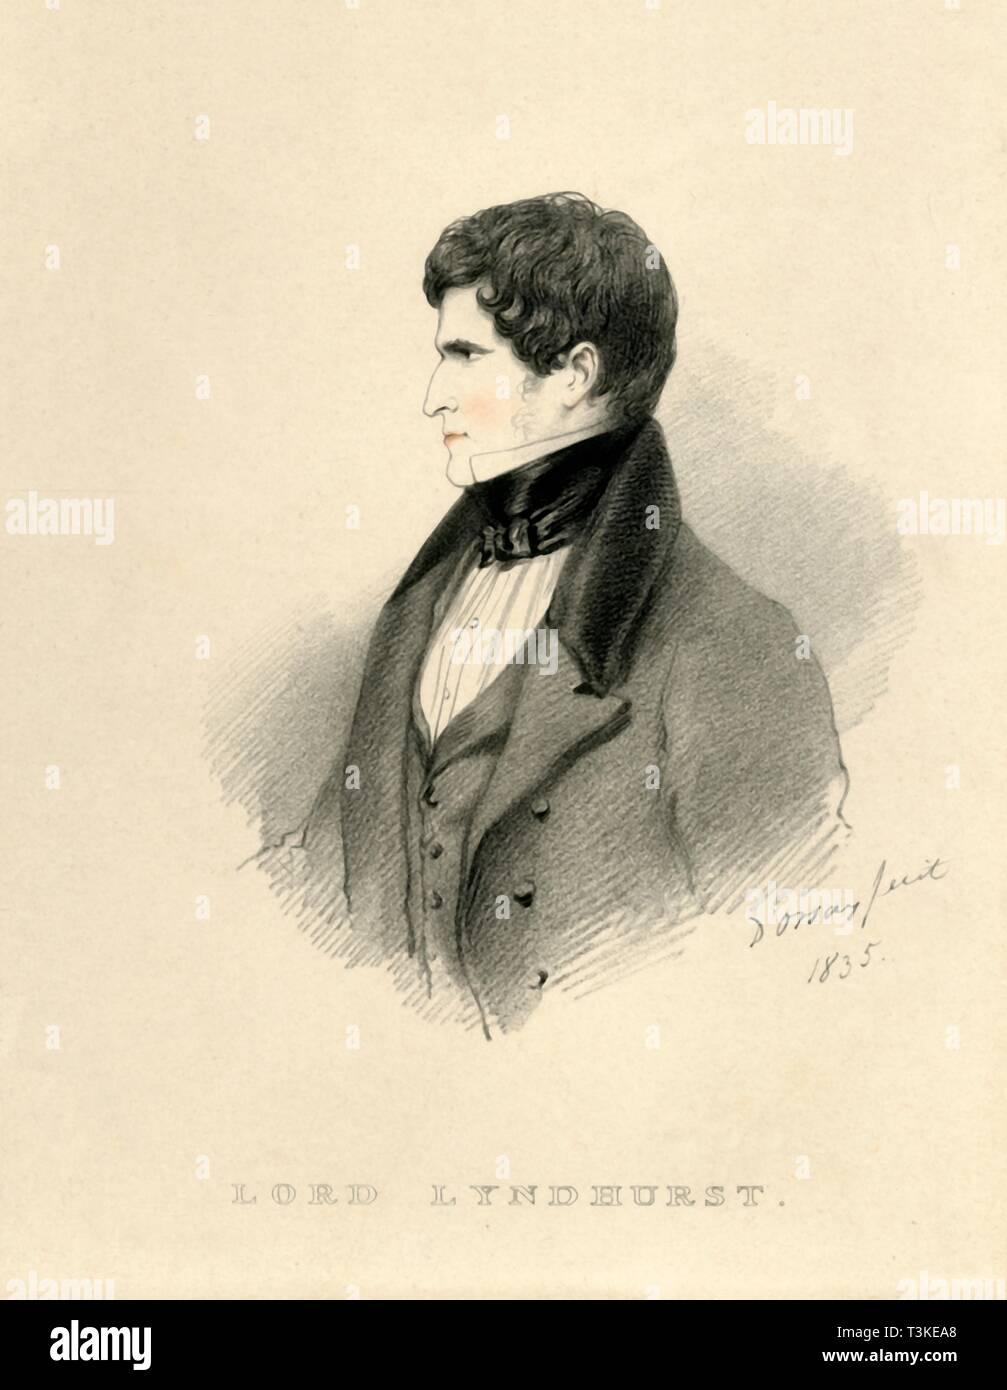 'Lord Lyndhurst', 1835. Creator: Richard James Lane. - Stock Image